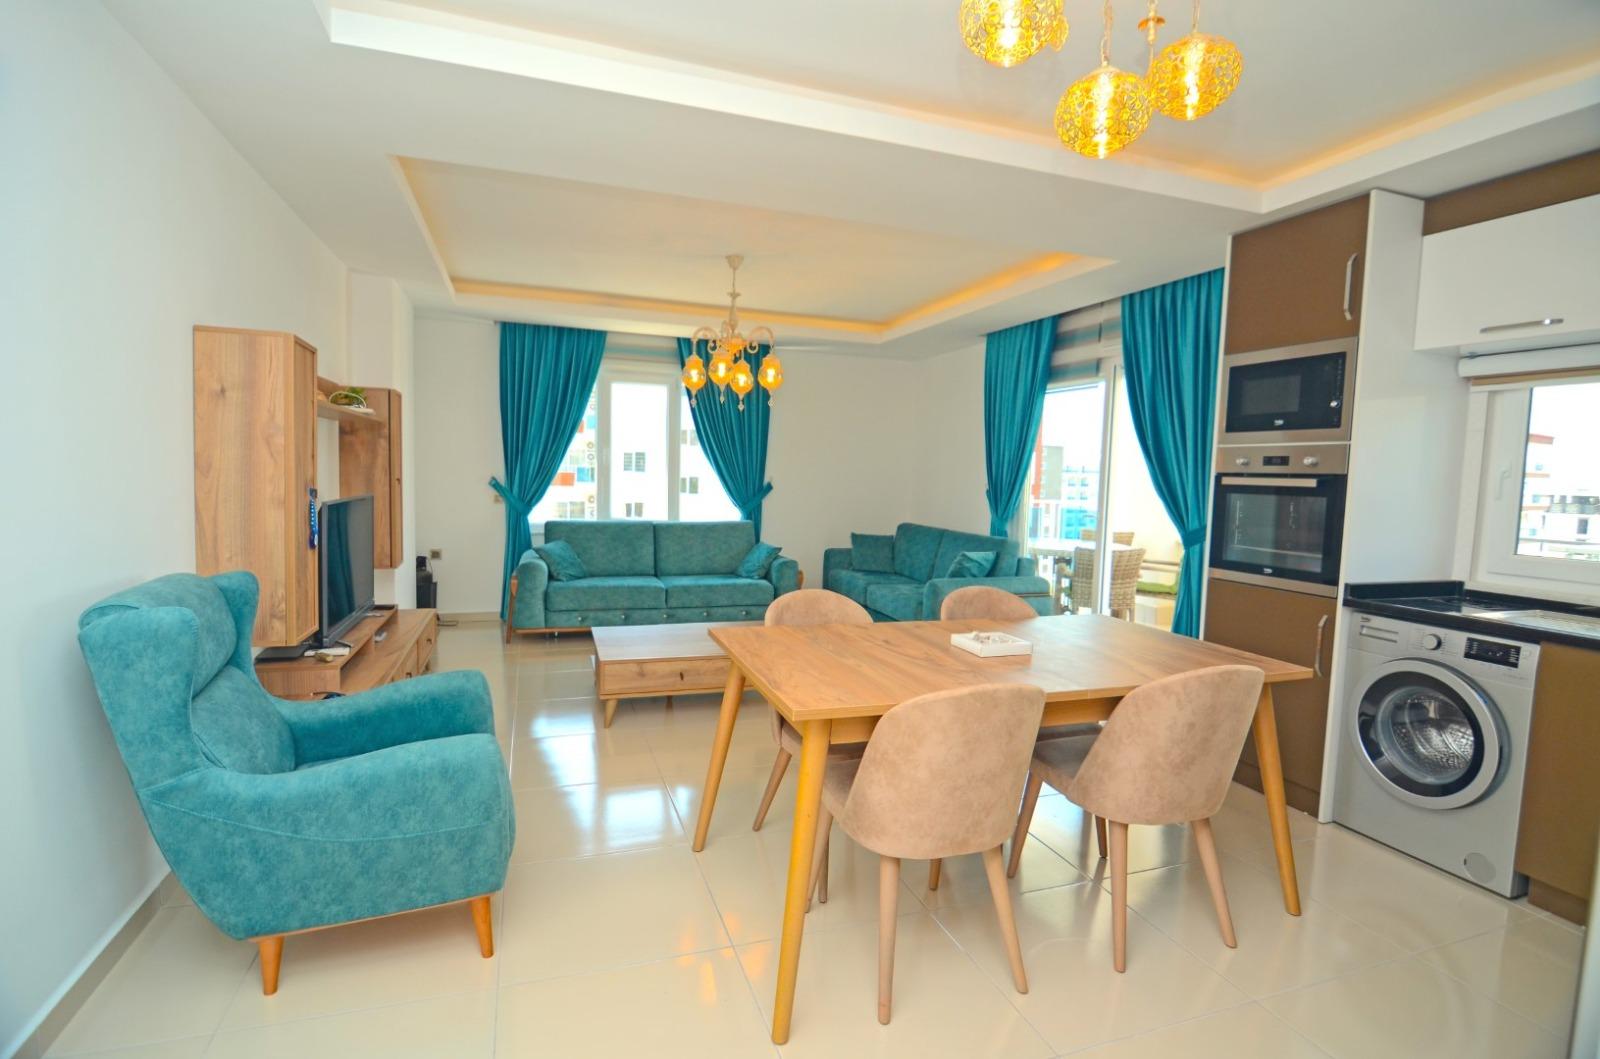 Трёхкомнатная квартира с мебелью и бытовой техникой - Фото 13